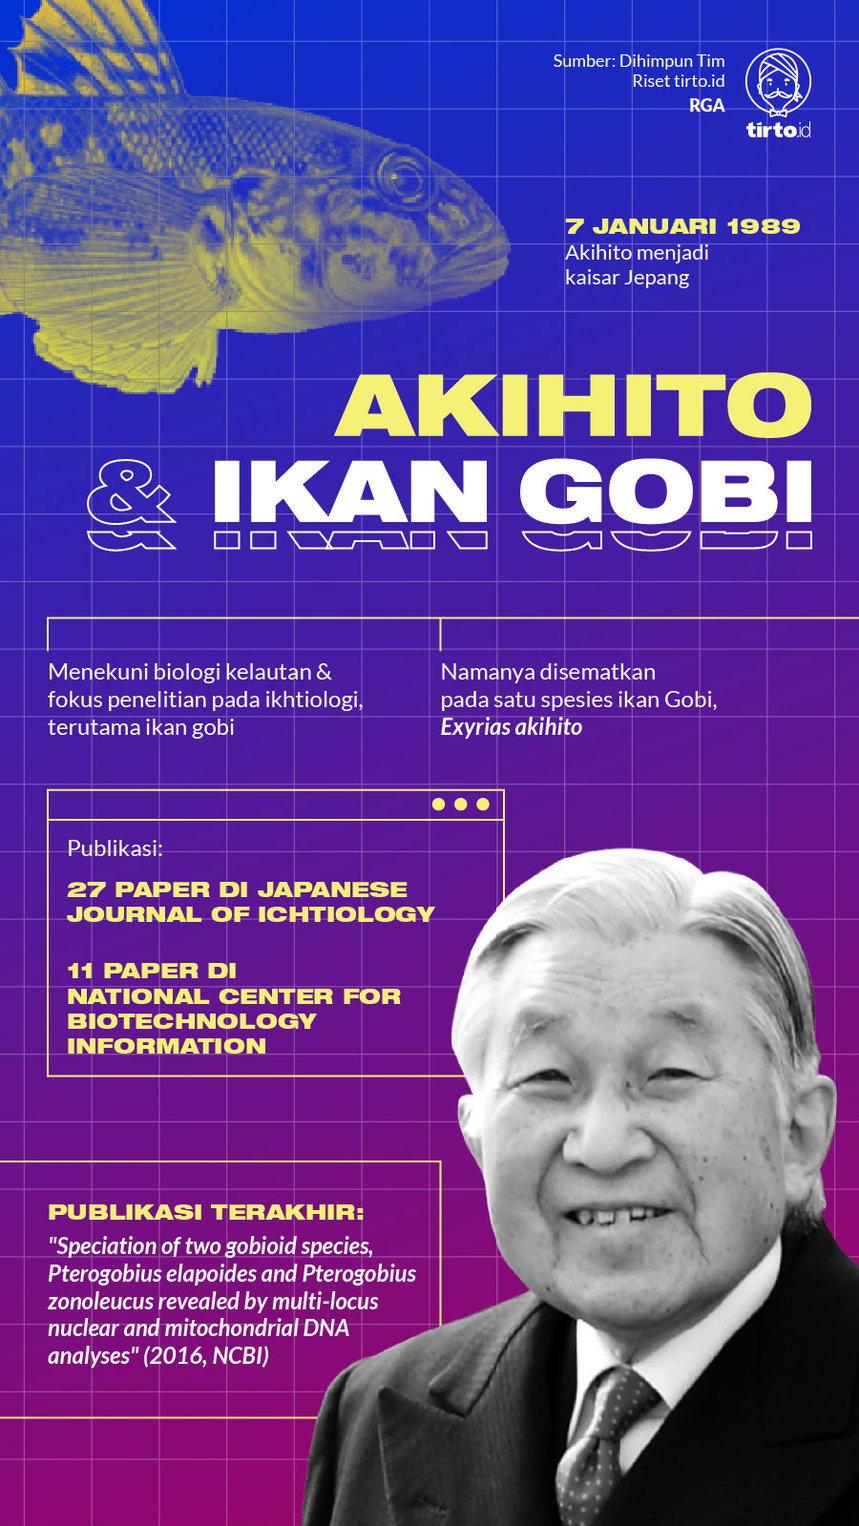 Akihito Kaisar Jepang Nyeleneh Yang Cinta Sains Dan Ikan Gobi